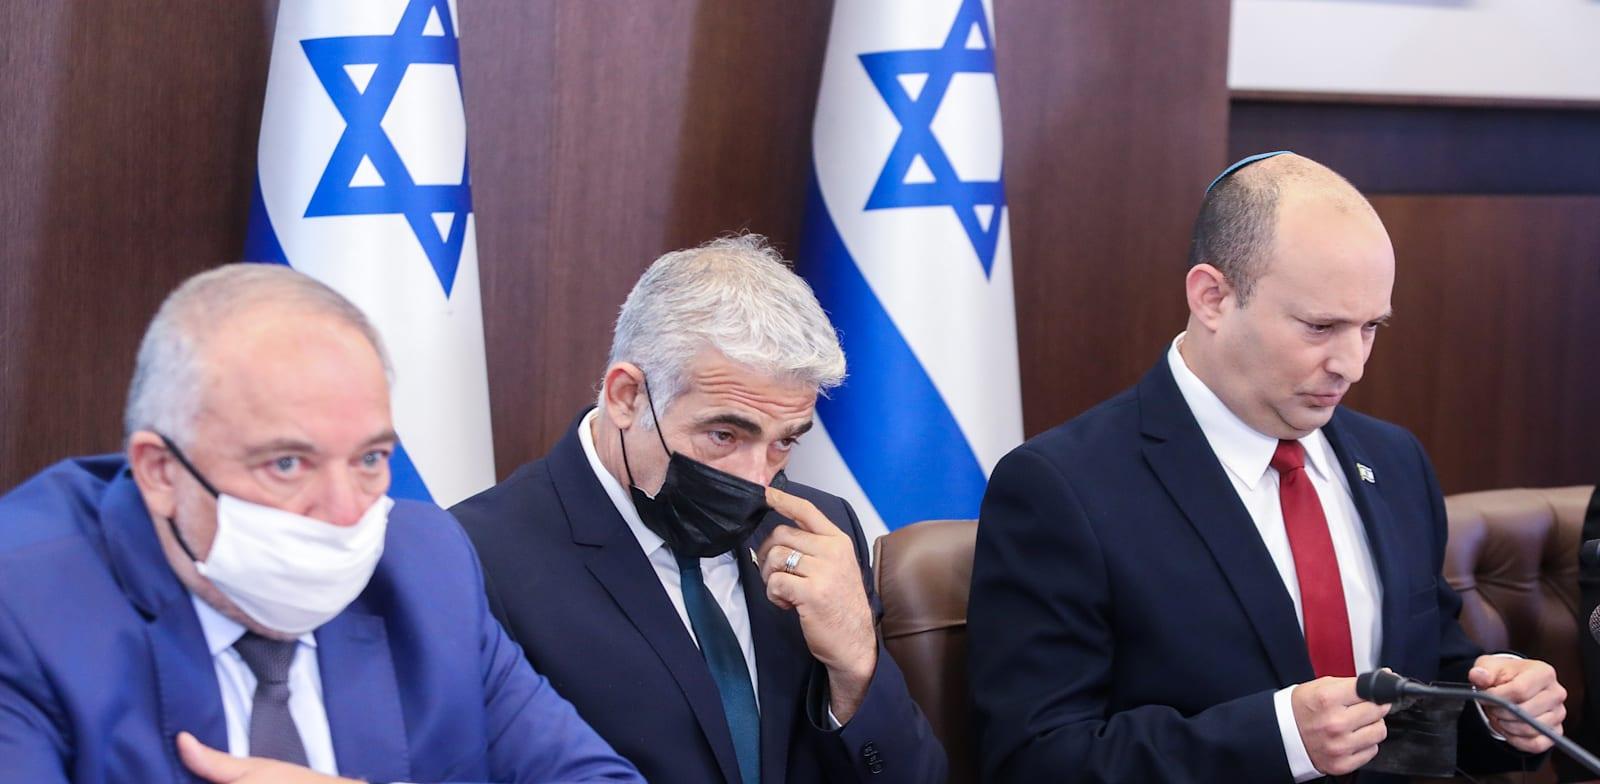 ראש הממשלה בנט, ראש הממשלה החליפי לפיד, ושר האוצר / צילום: מארק ישראל סלם - הג'רוזלם פוסט